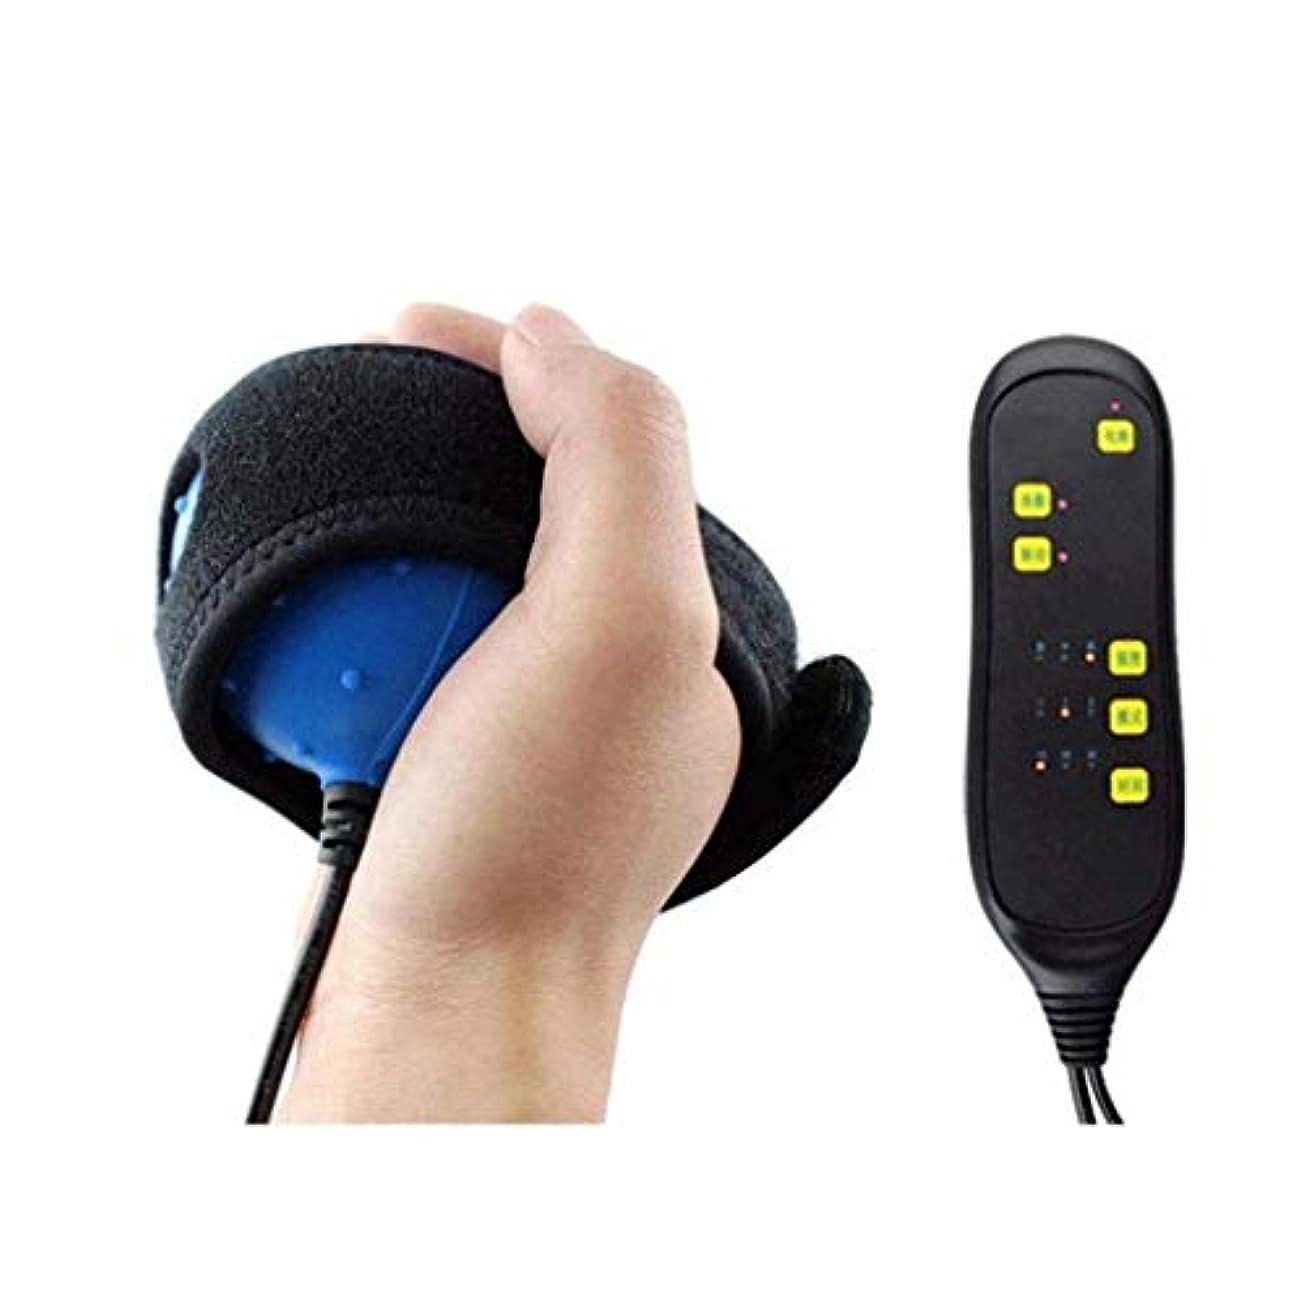 特別な急ぐスプレー指マッサージ器、電動指リハビリテーショントレーナー、脳卒中片麻痺指回復熱マッサージャー治療ボール、指屈曲矯正ツール (Color : 02)